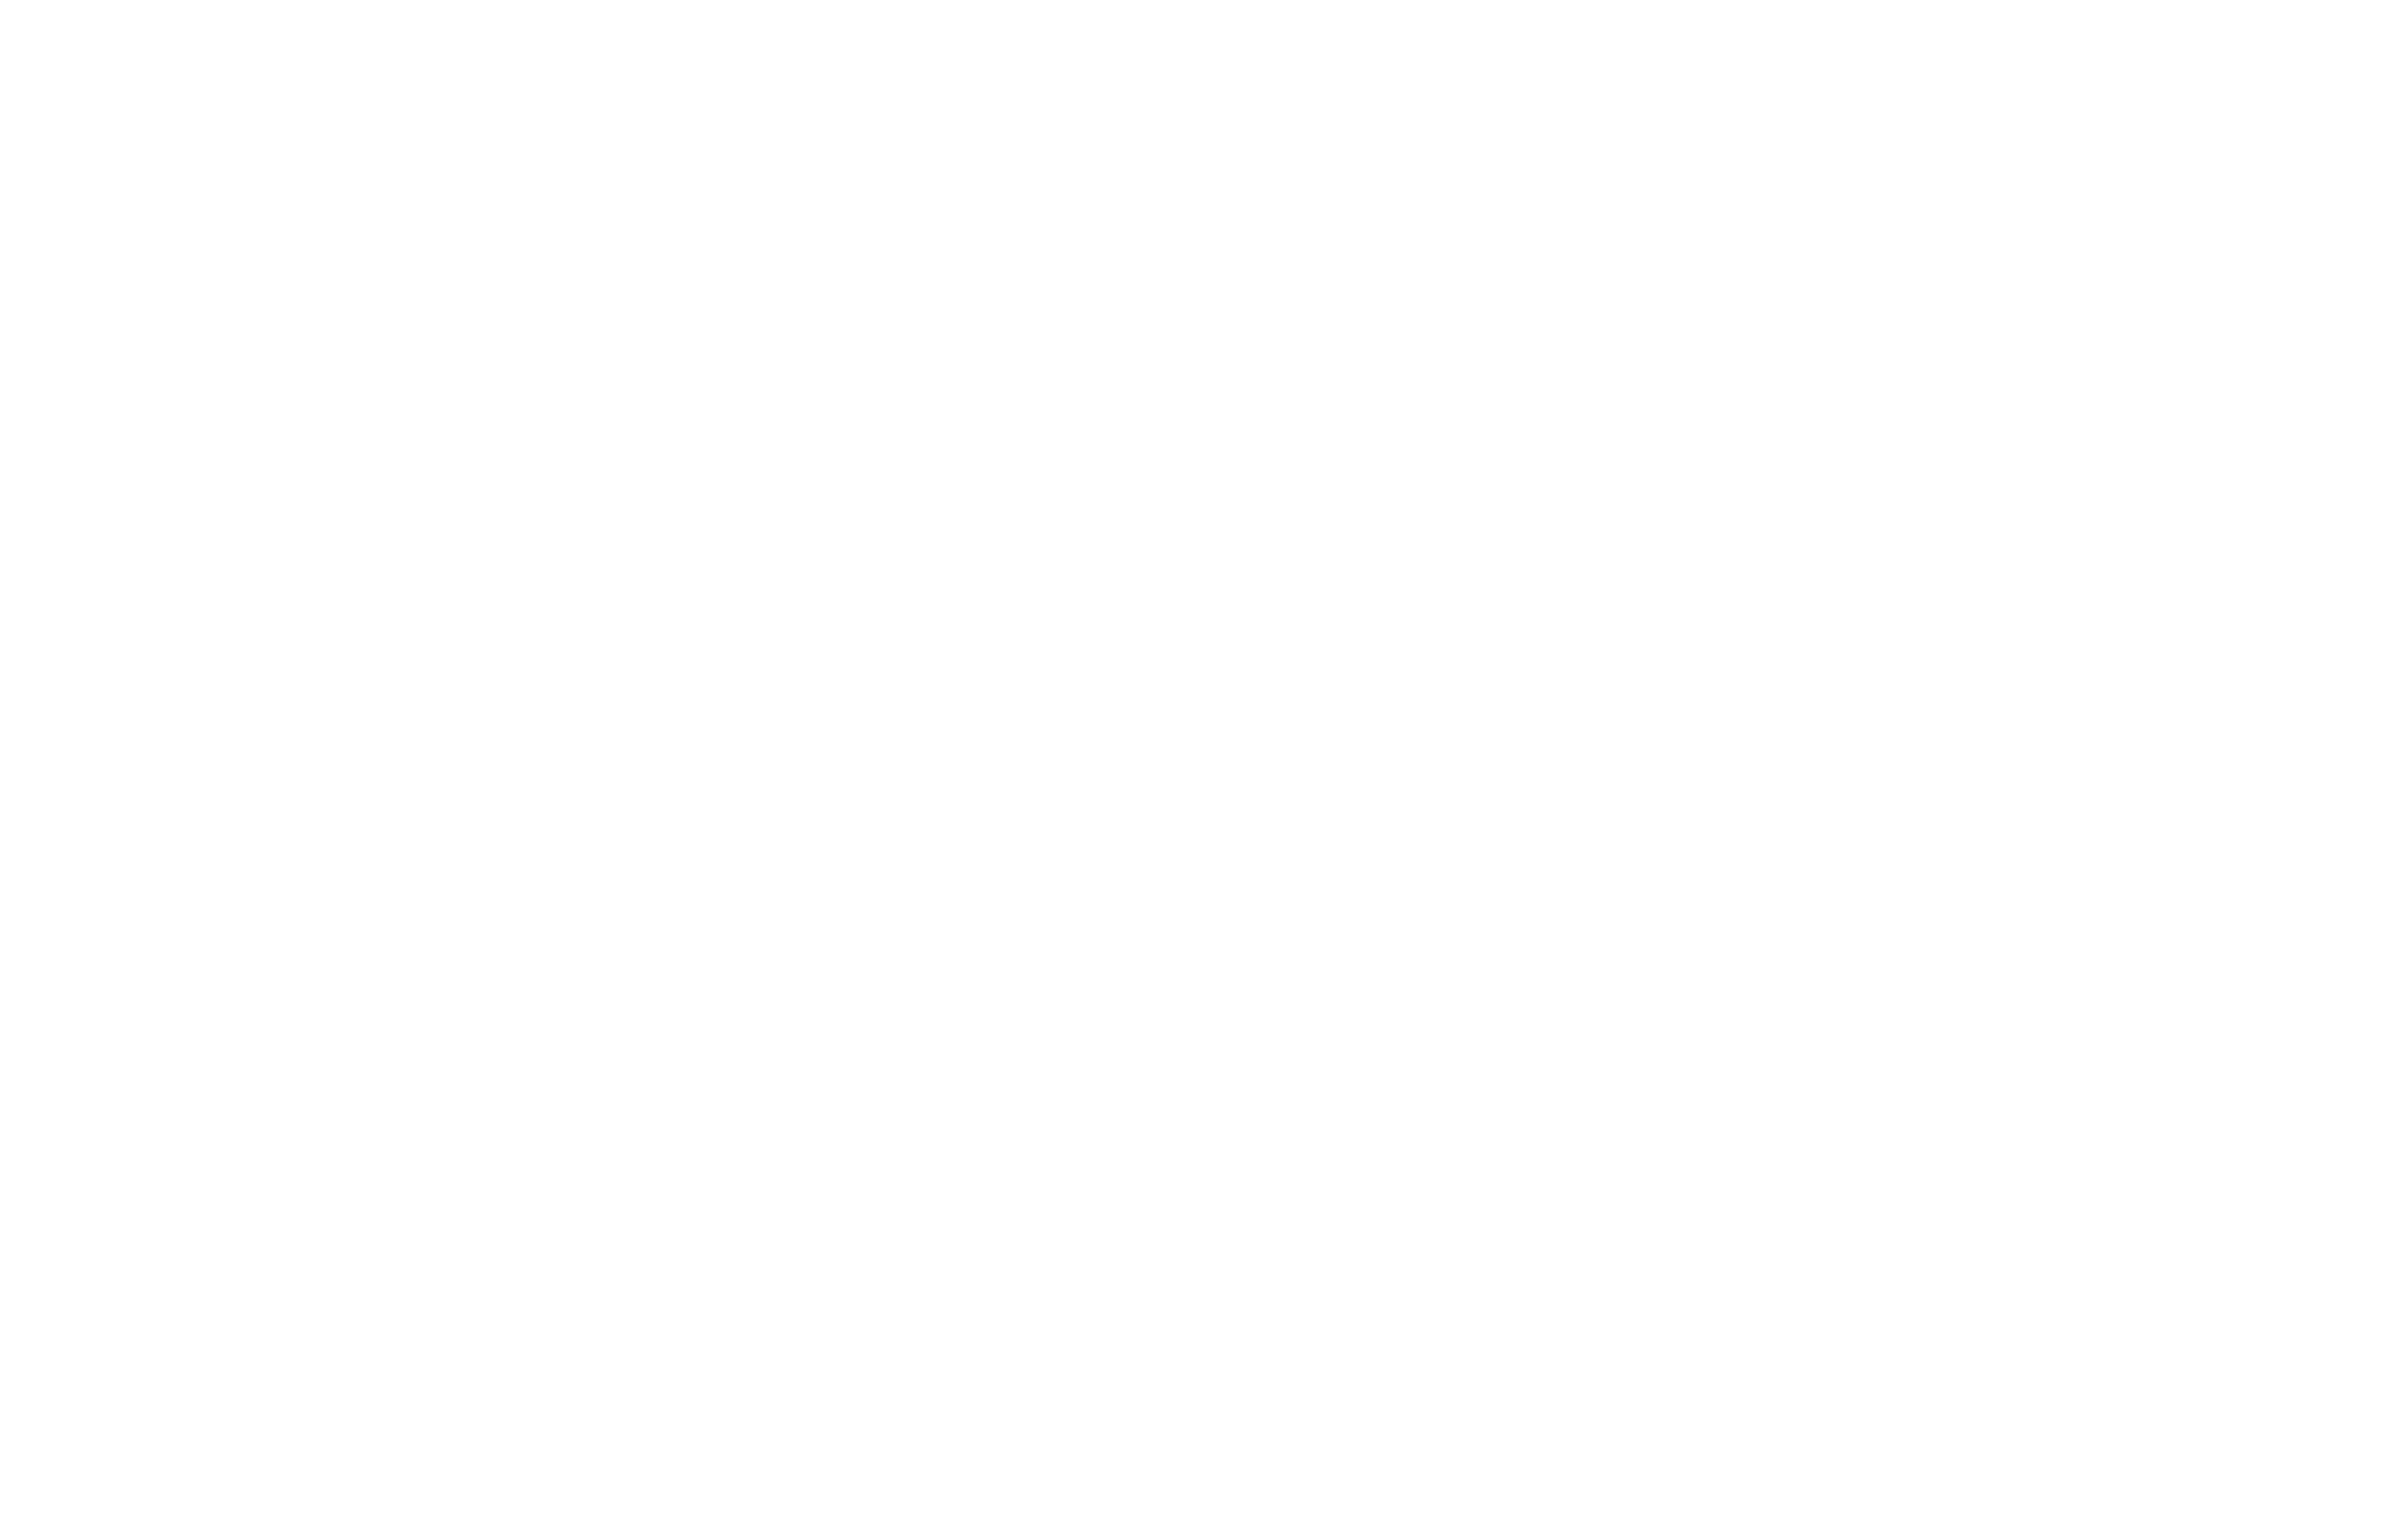 Winter Snowflake Decor Clip Art Image.